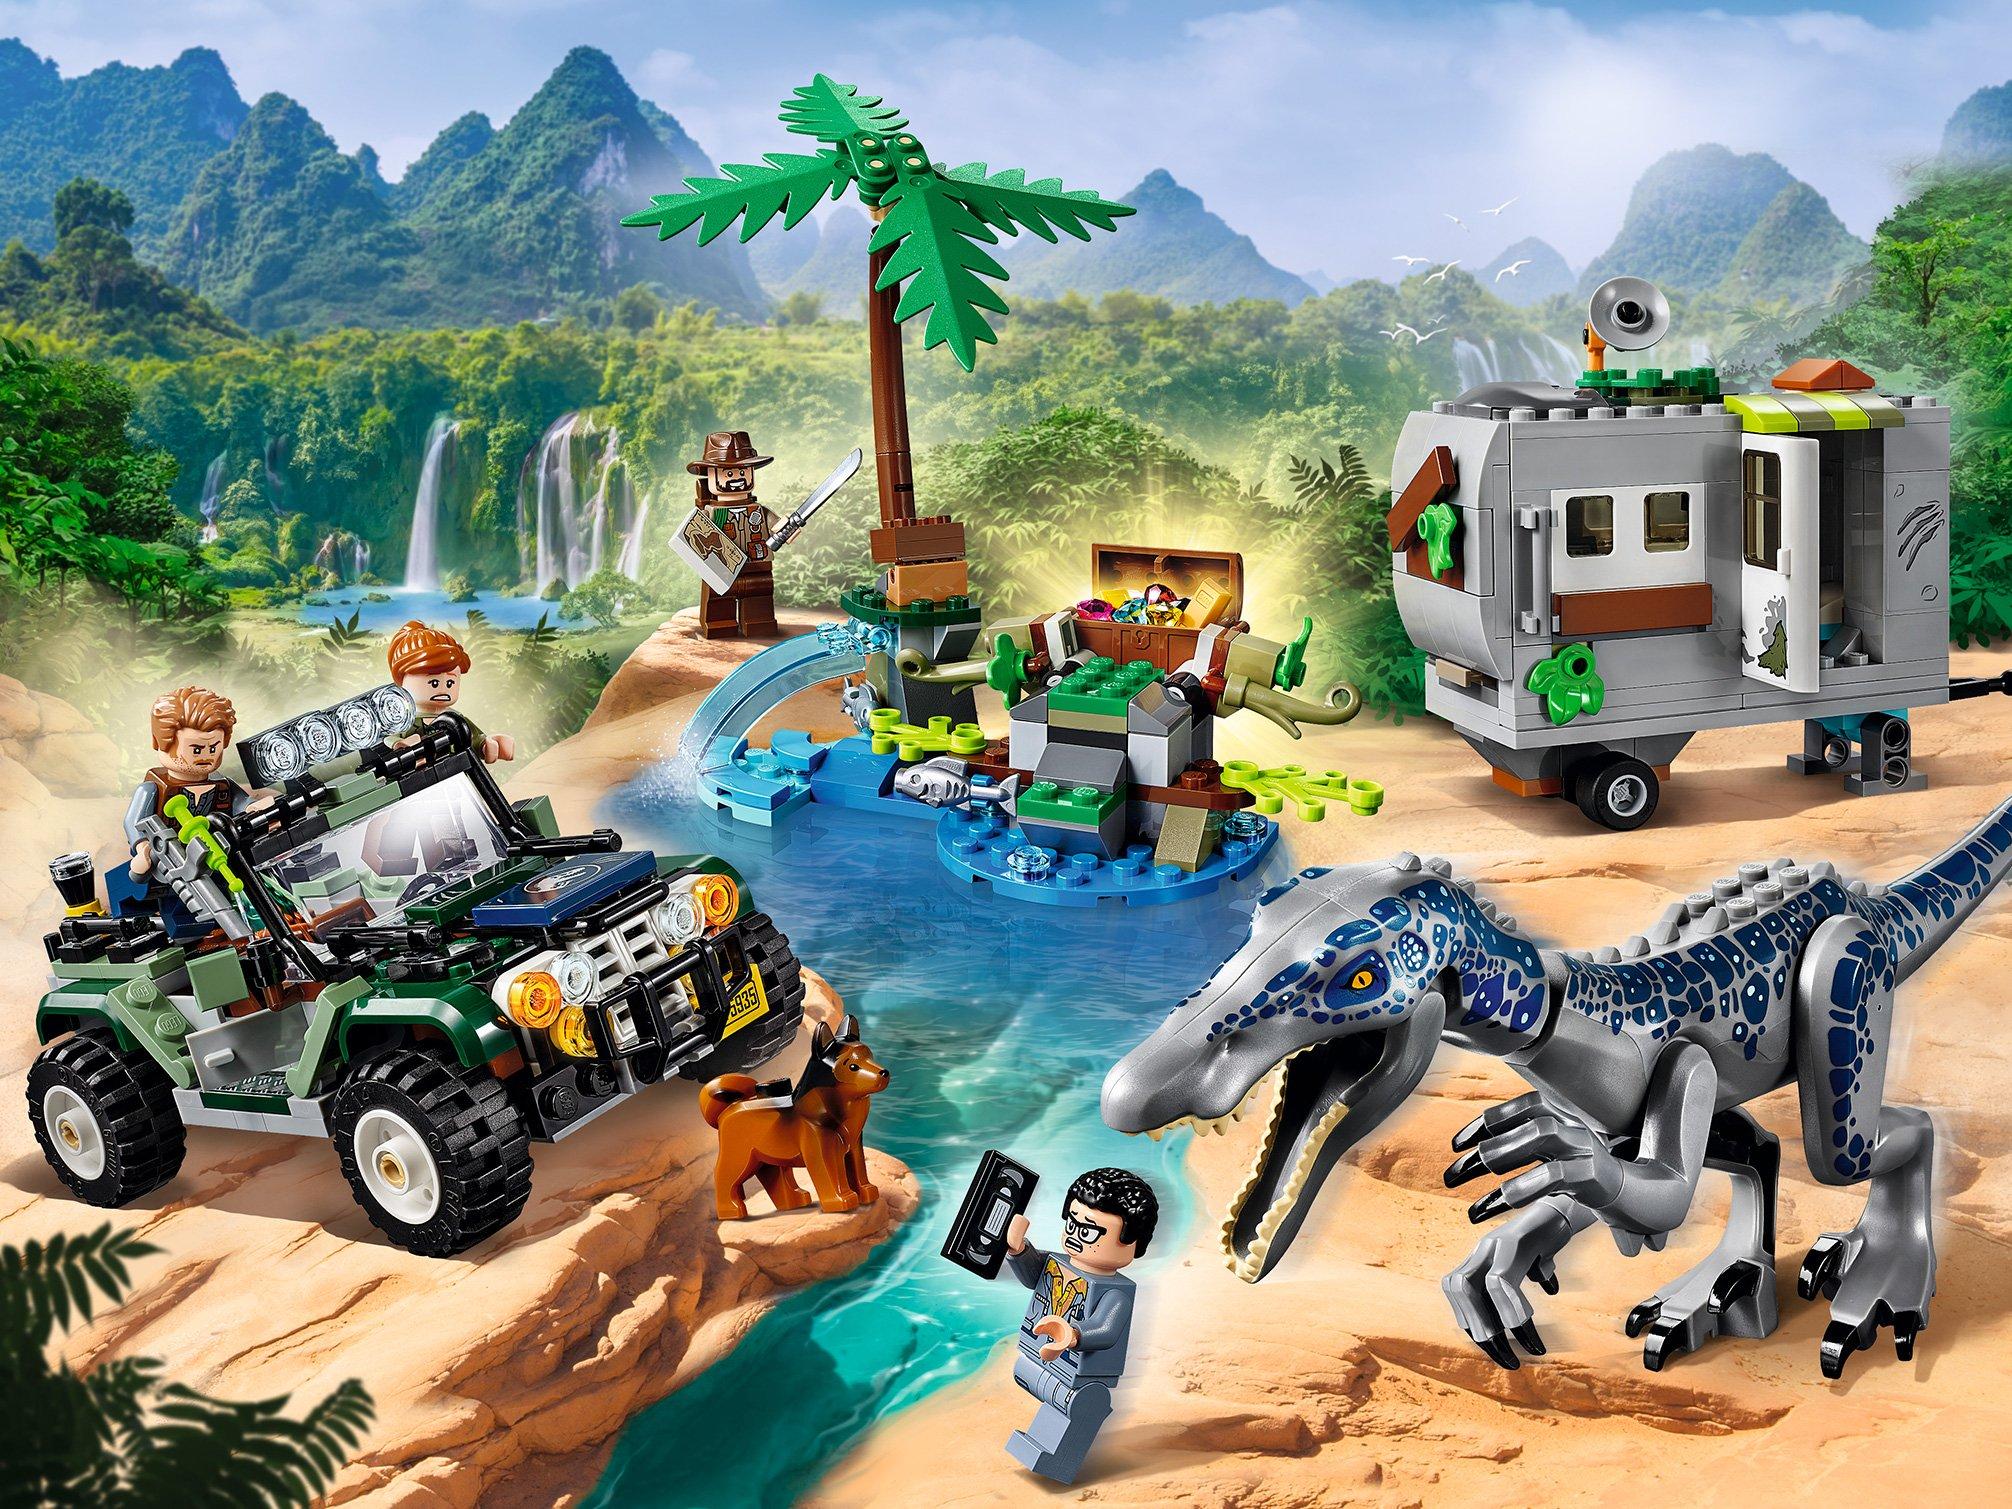 75935 Lego Jurassic World - Поединок с бариониксом: охота за сокровищами